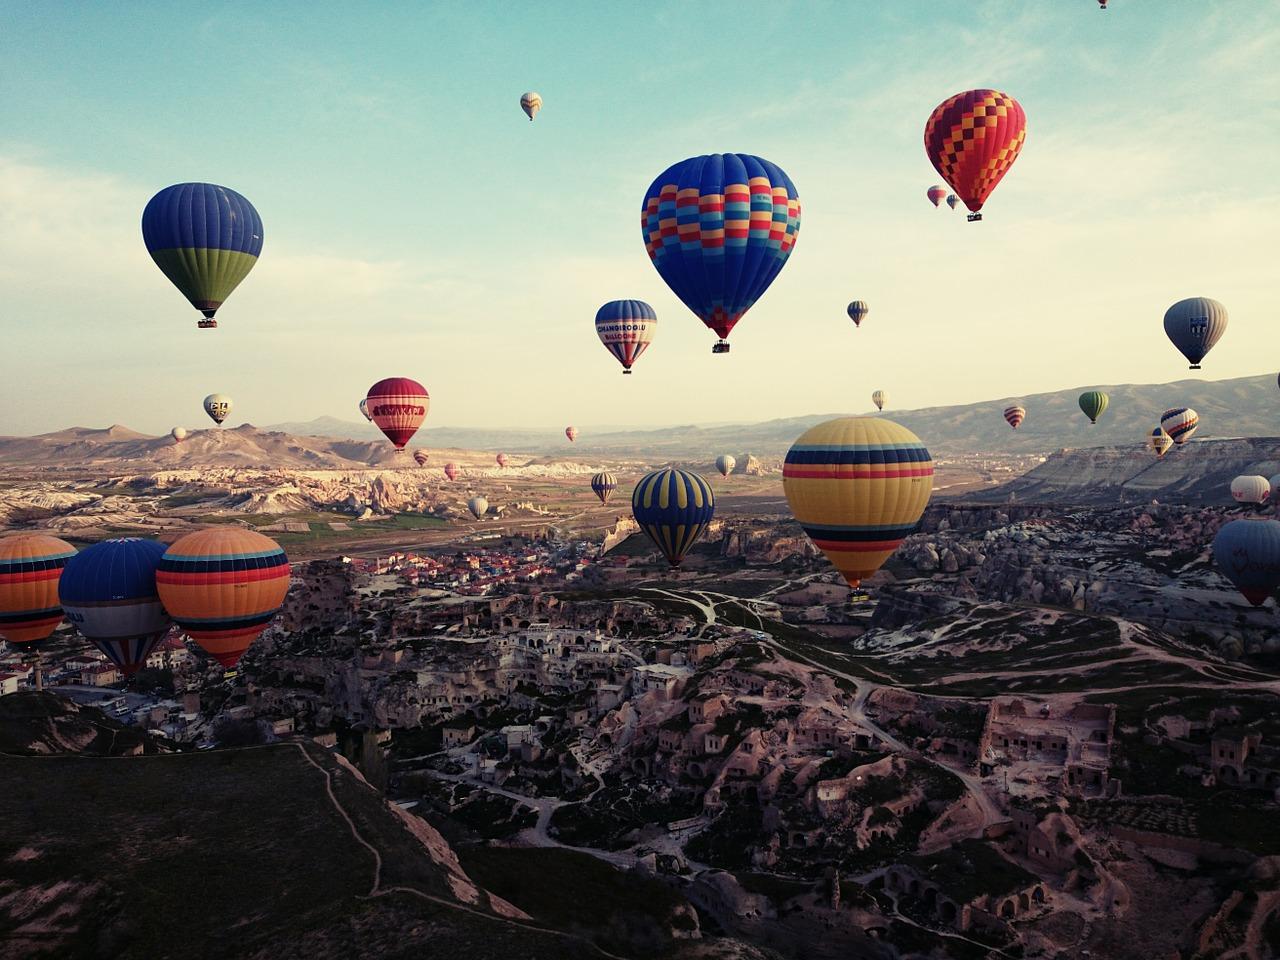 Turkey, Balloons, Singles Holidays, Solo Travel, Singles Vacations, Solo Holidays (Image: Pixabay)